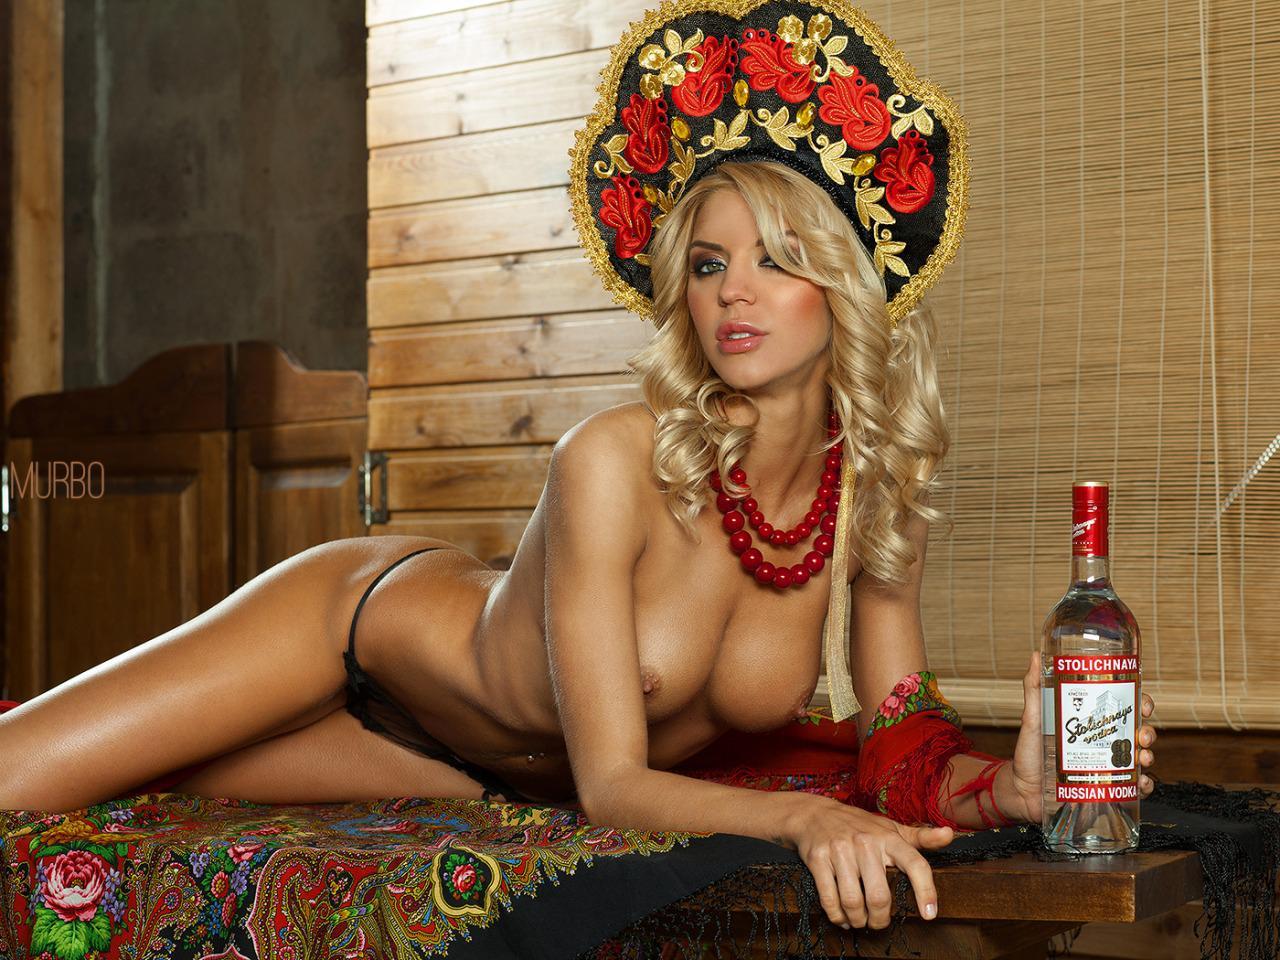 Украинские и русские толстухи порно шум